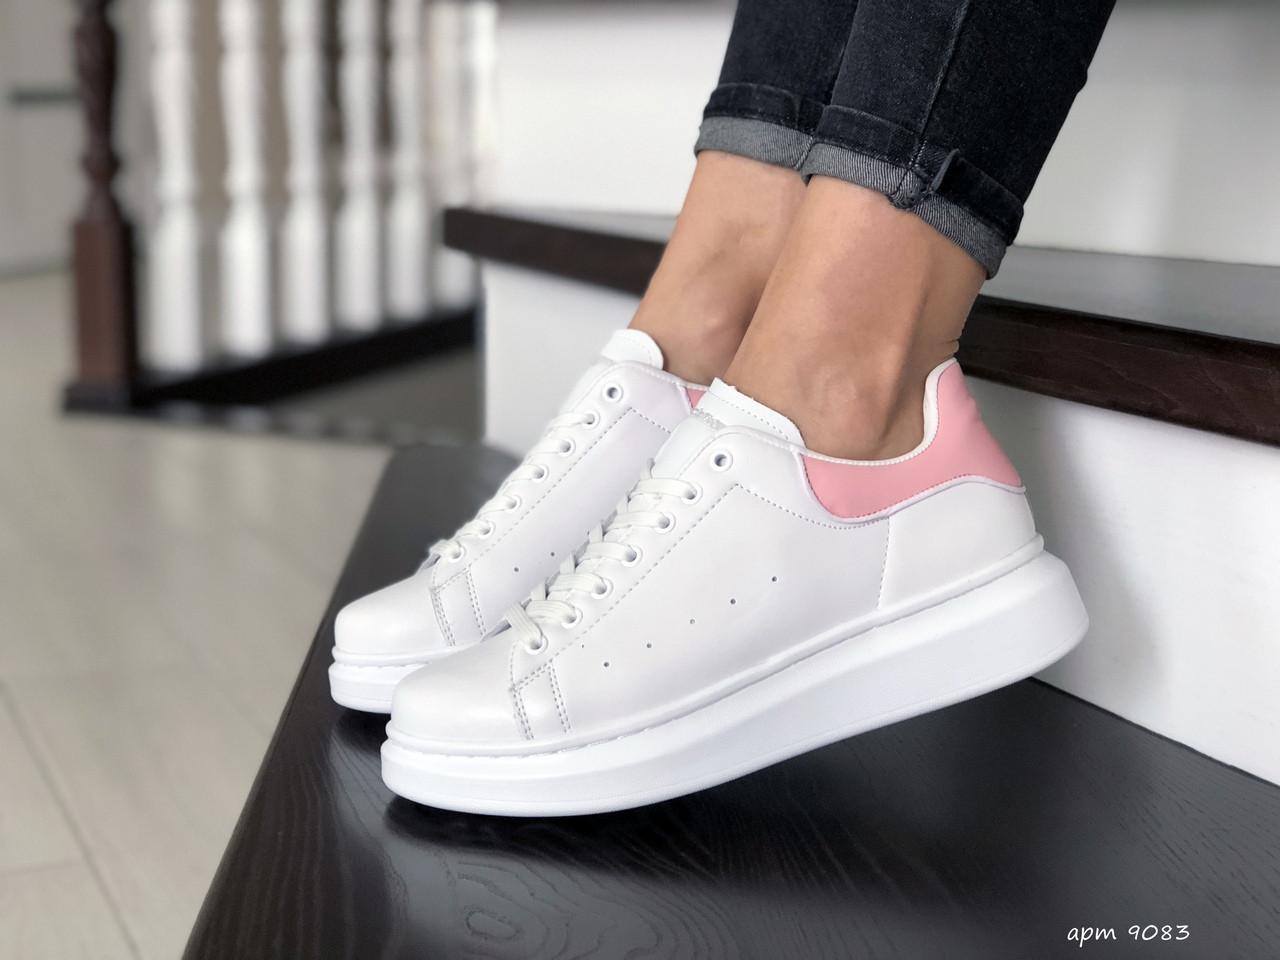 Кроссовки (в стиле) женские,подростковые Alexander McQueen,белые с розовым